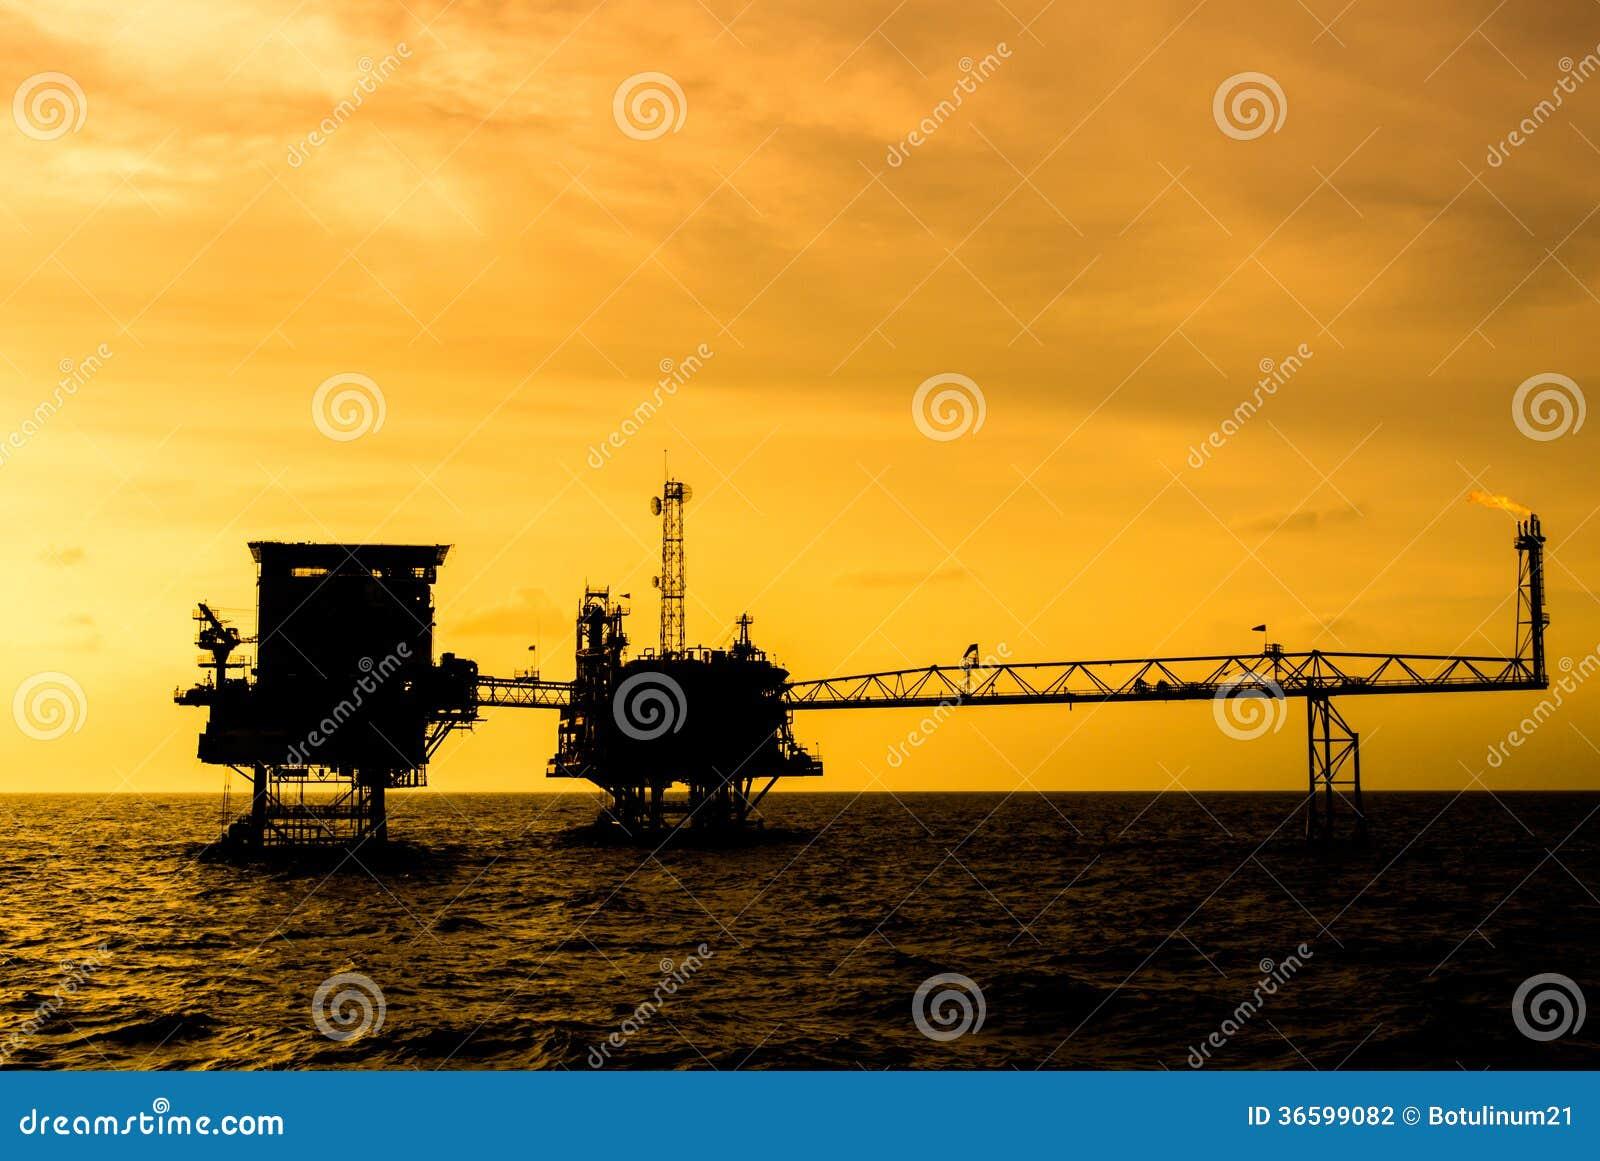 Silhouette de plateforme pétrolière